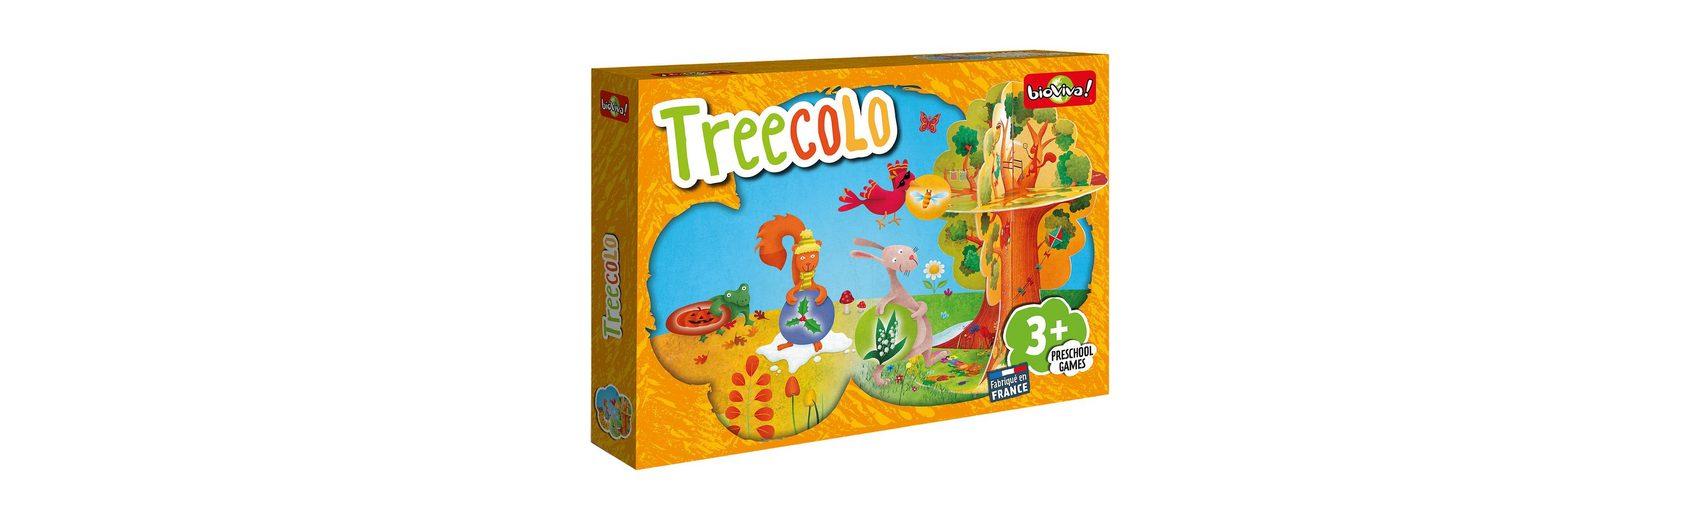 Bioviva Treecolo - Jahreszeiten Spiel